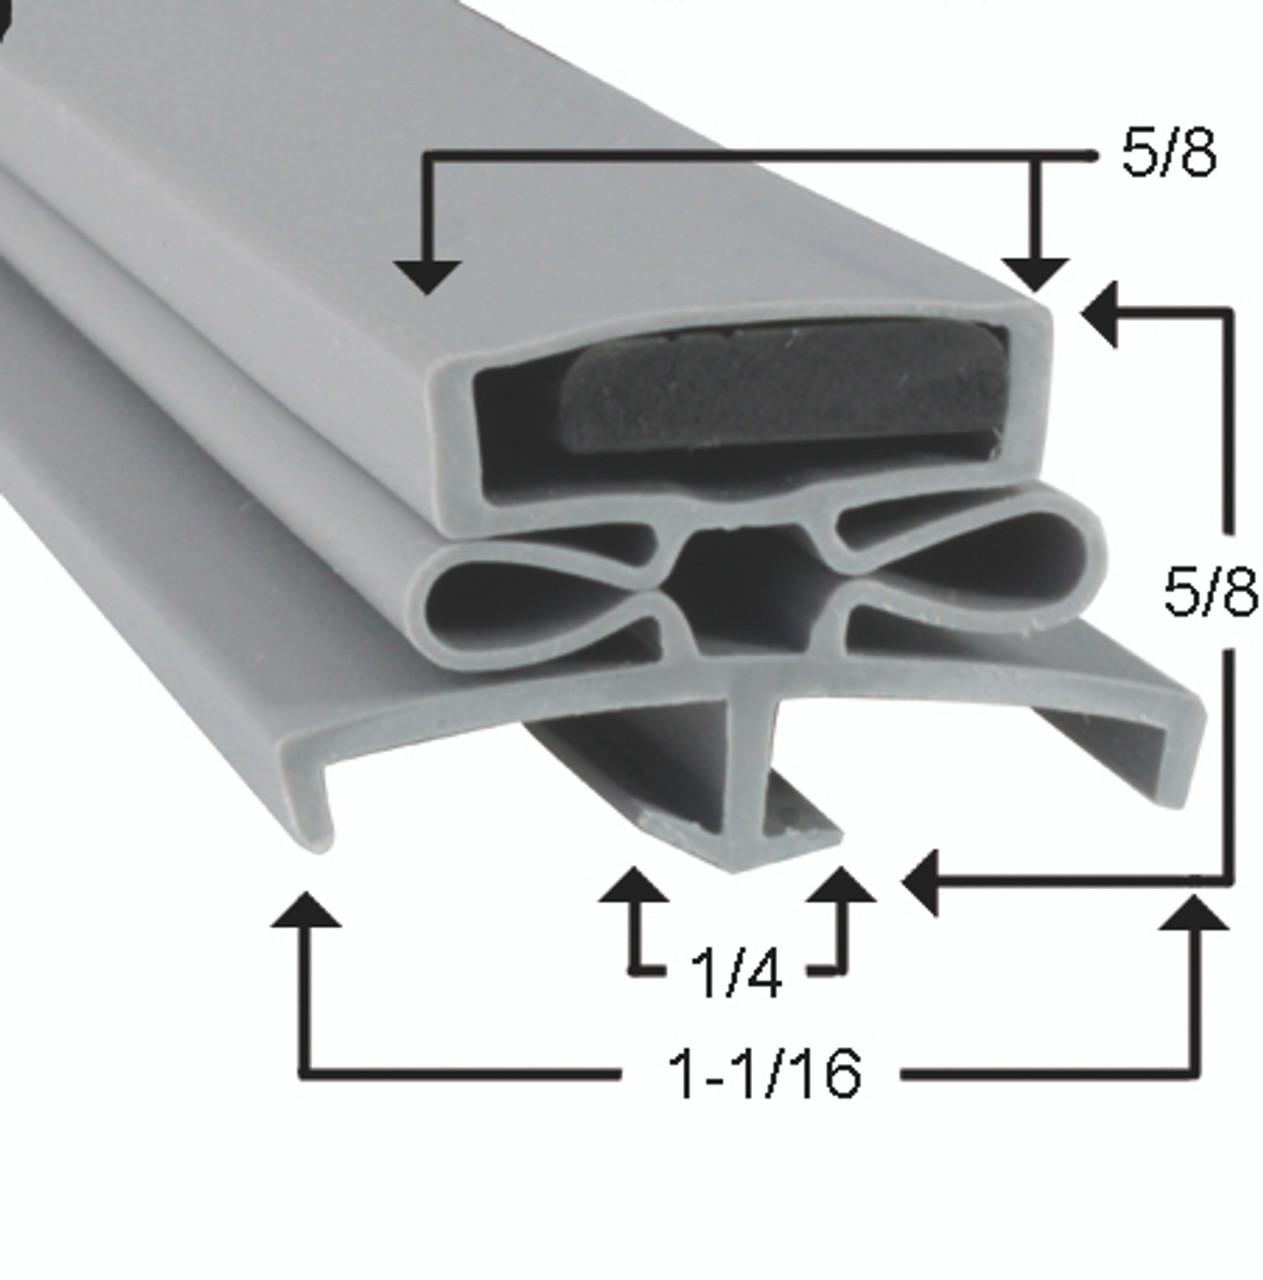 Glenco Door Gasket Profile 166 15 1/4 x 26 3/4 -2